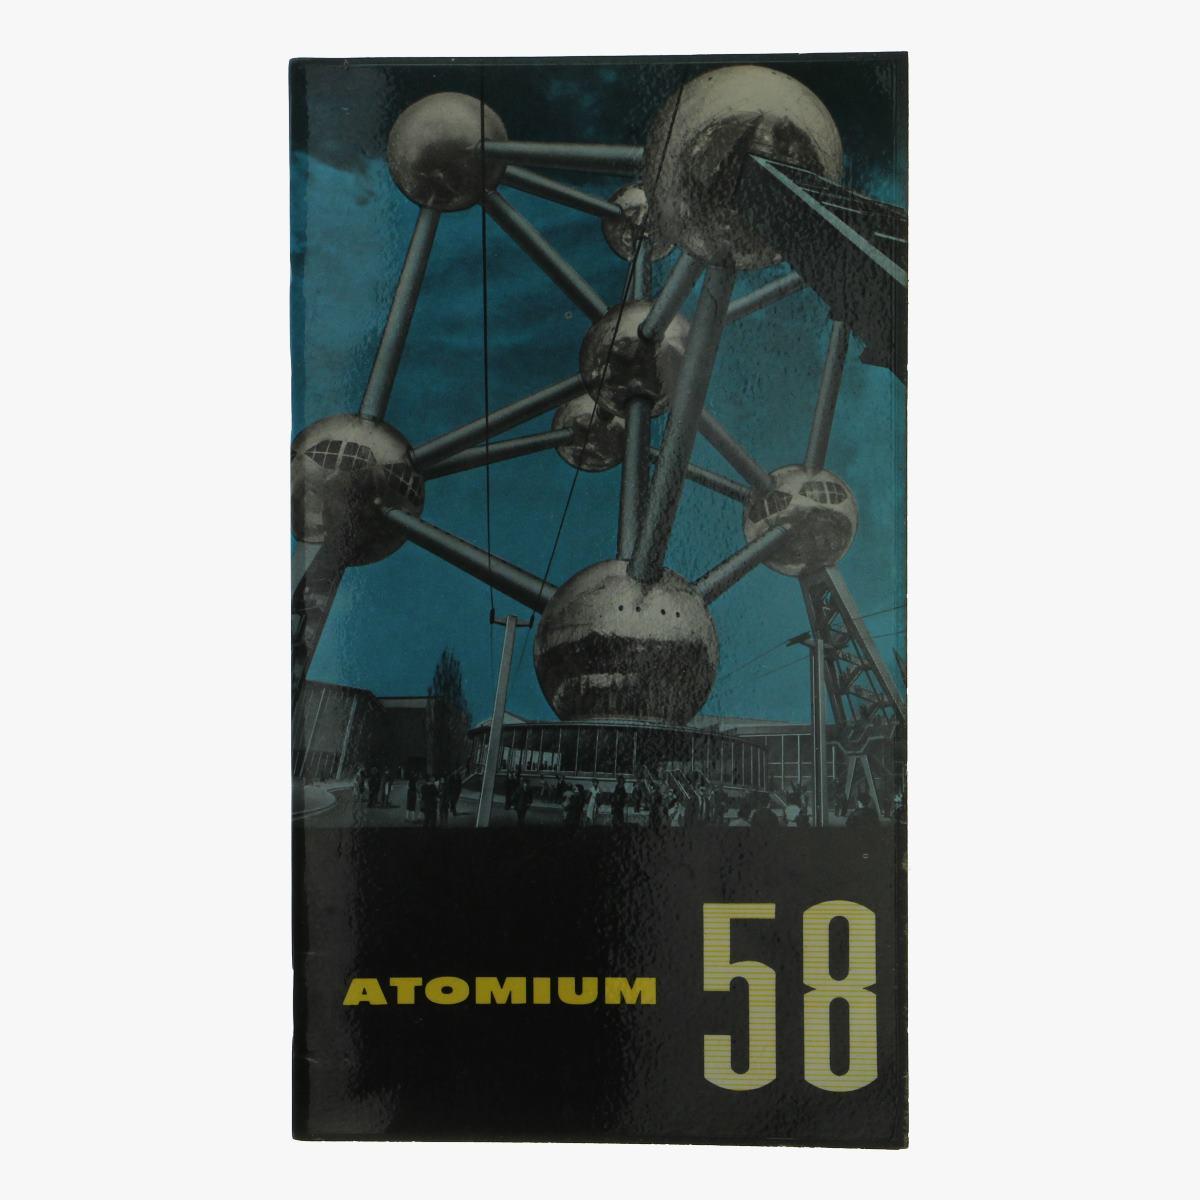 Afbeeldingen van atomium 58